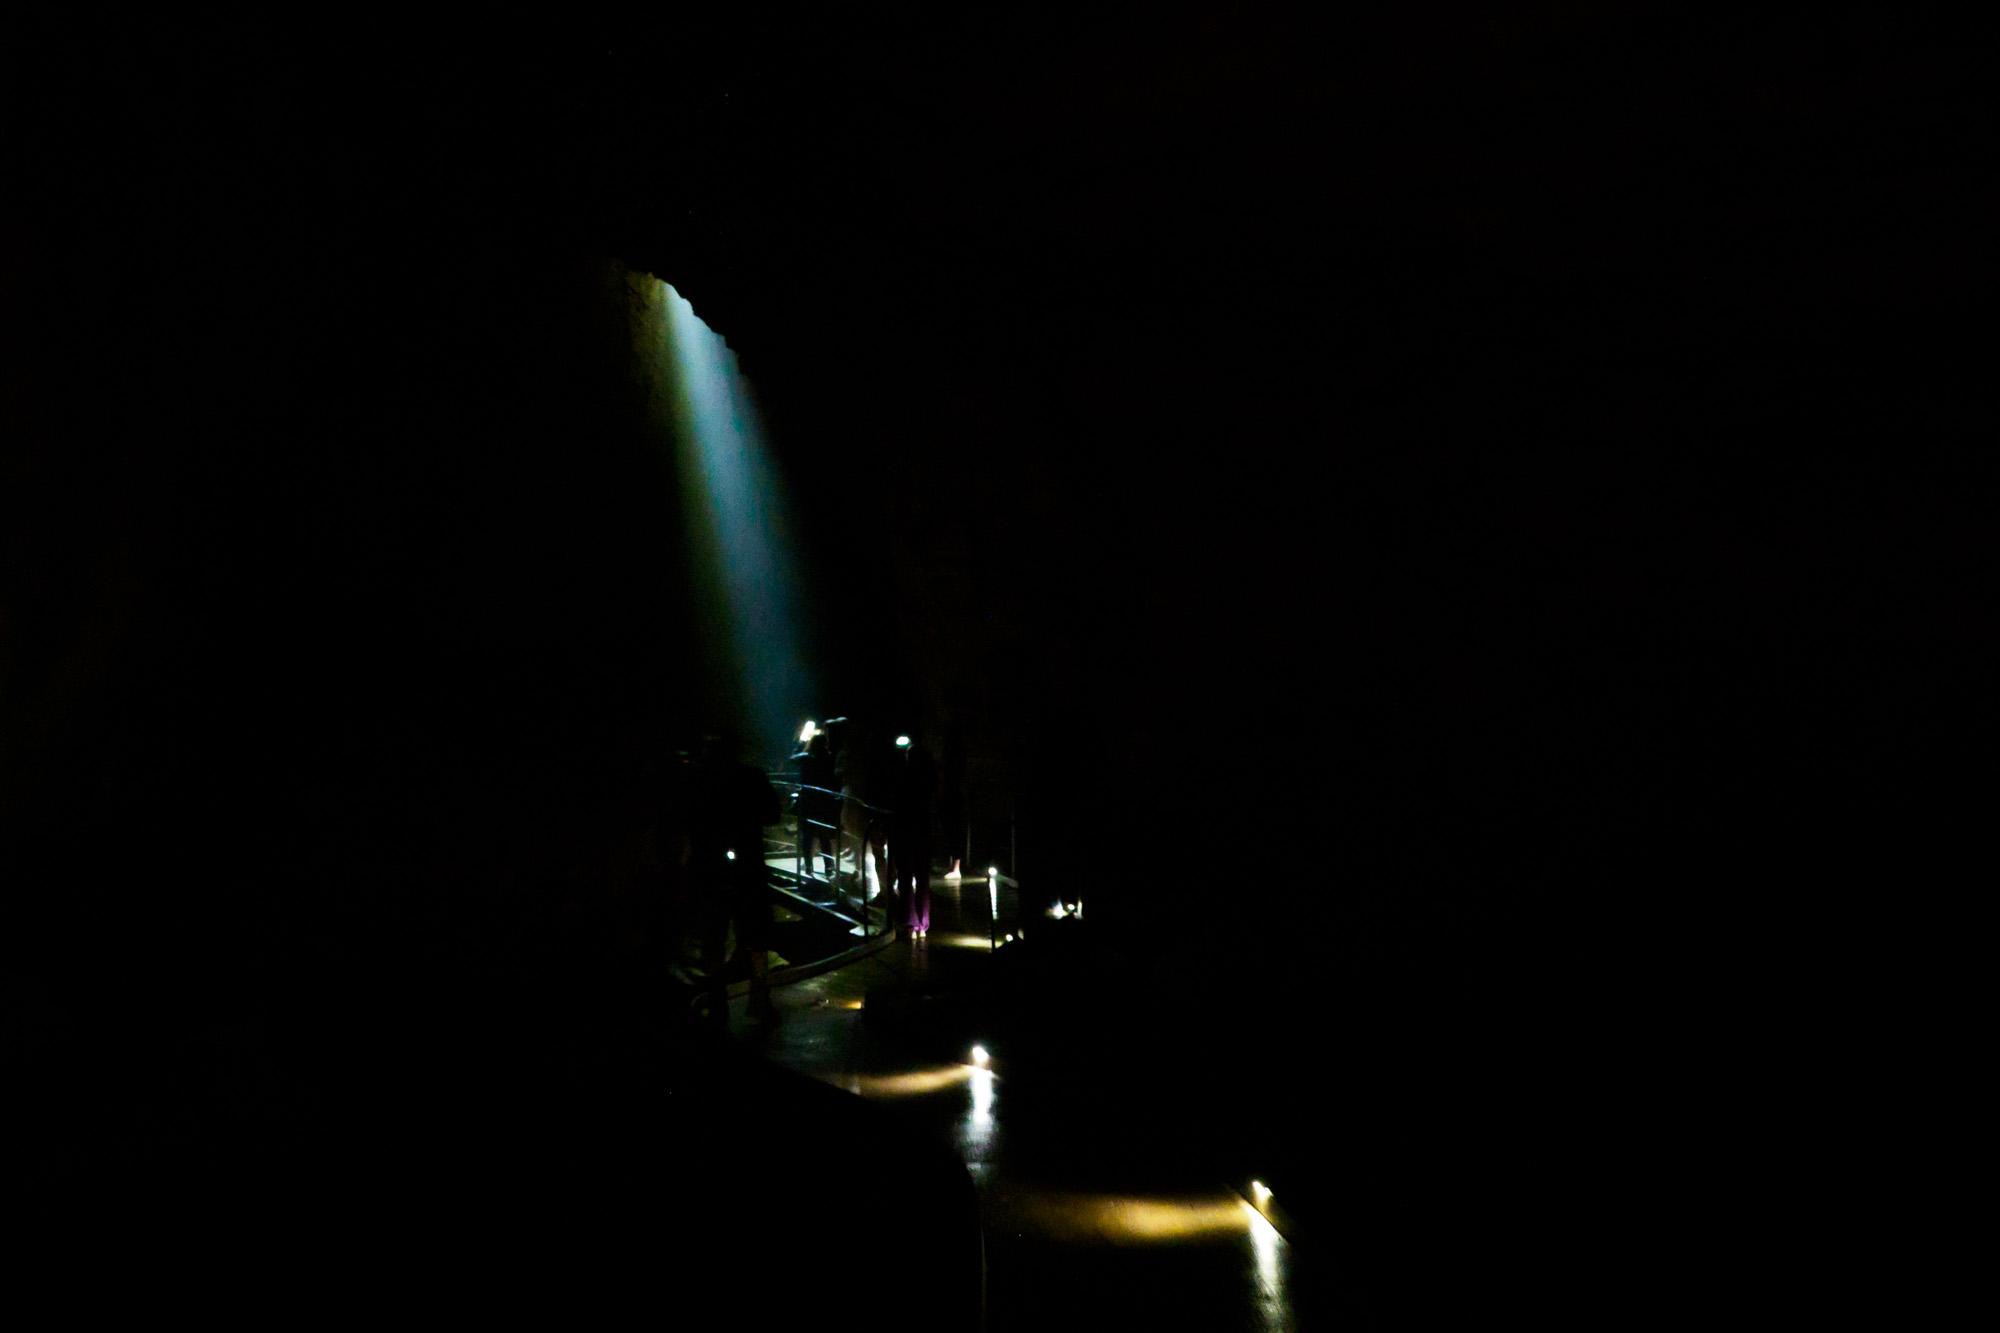 Waitomo - Licht fällt durch die Höhlendecke auf den Boden